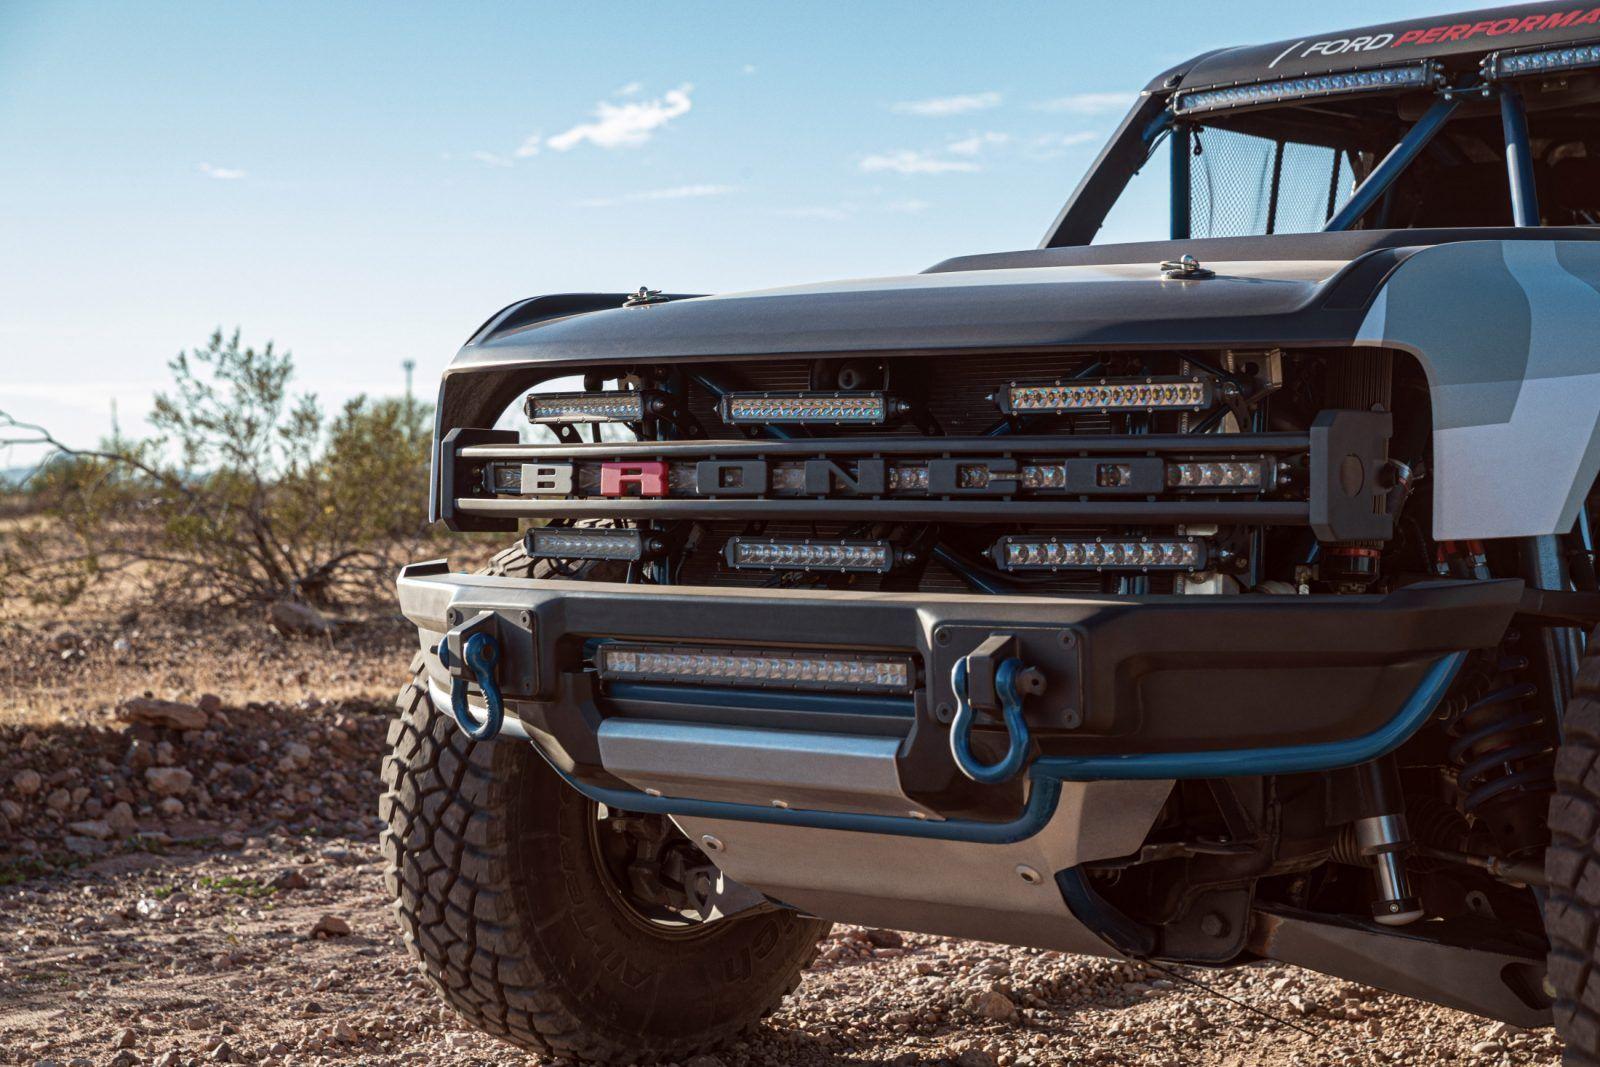 21 Frd Bro 48765 Hr Ford Bronco Bronco Baja 1000